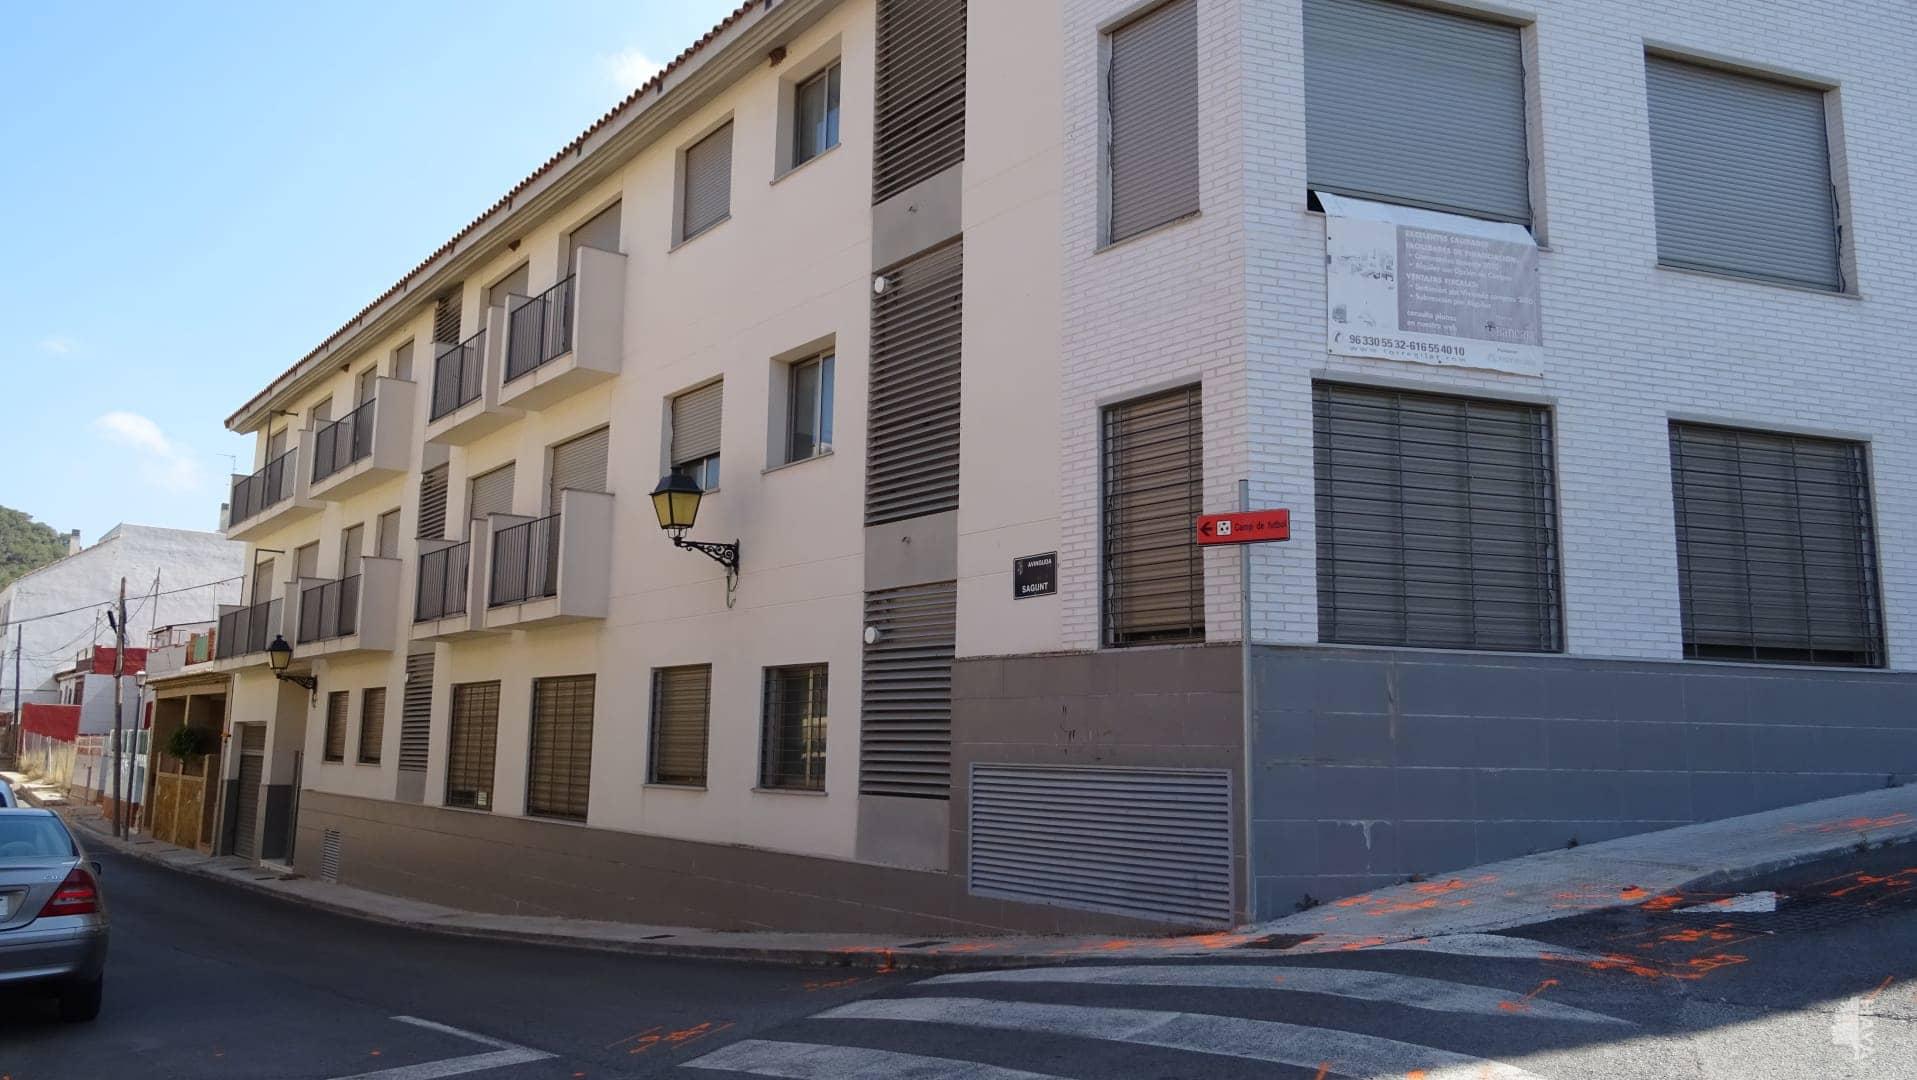 Piso en venta en Gilet, Gilet, Valencia, Calle Sagunt, 89.000 €, 2 habitaciones, 2 baños, 86 m2